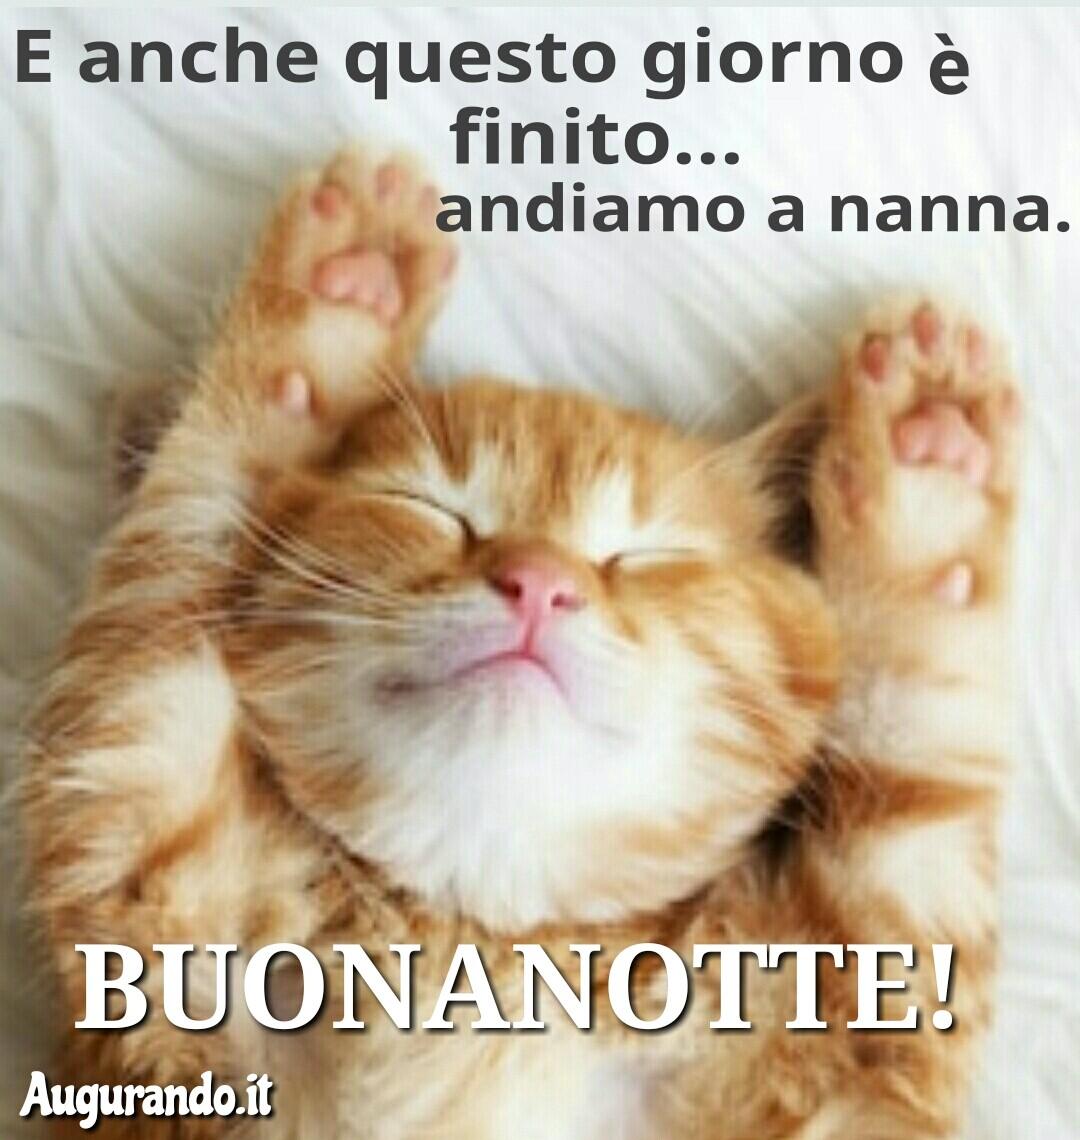 Buonanotte, notte, dolce notte, dolcissima notte, serena notte, sogni d'oro, felice notte, immagini buonanotte, sogni sereni, buonanotte amore, buonanotte a tutti, buonanotte a tutti